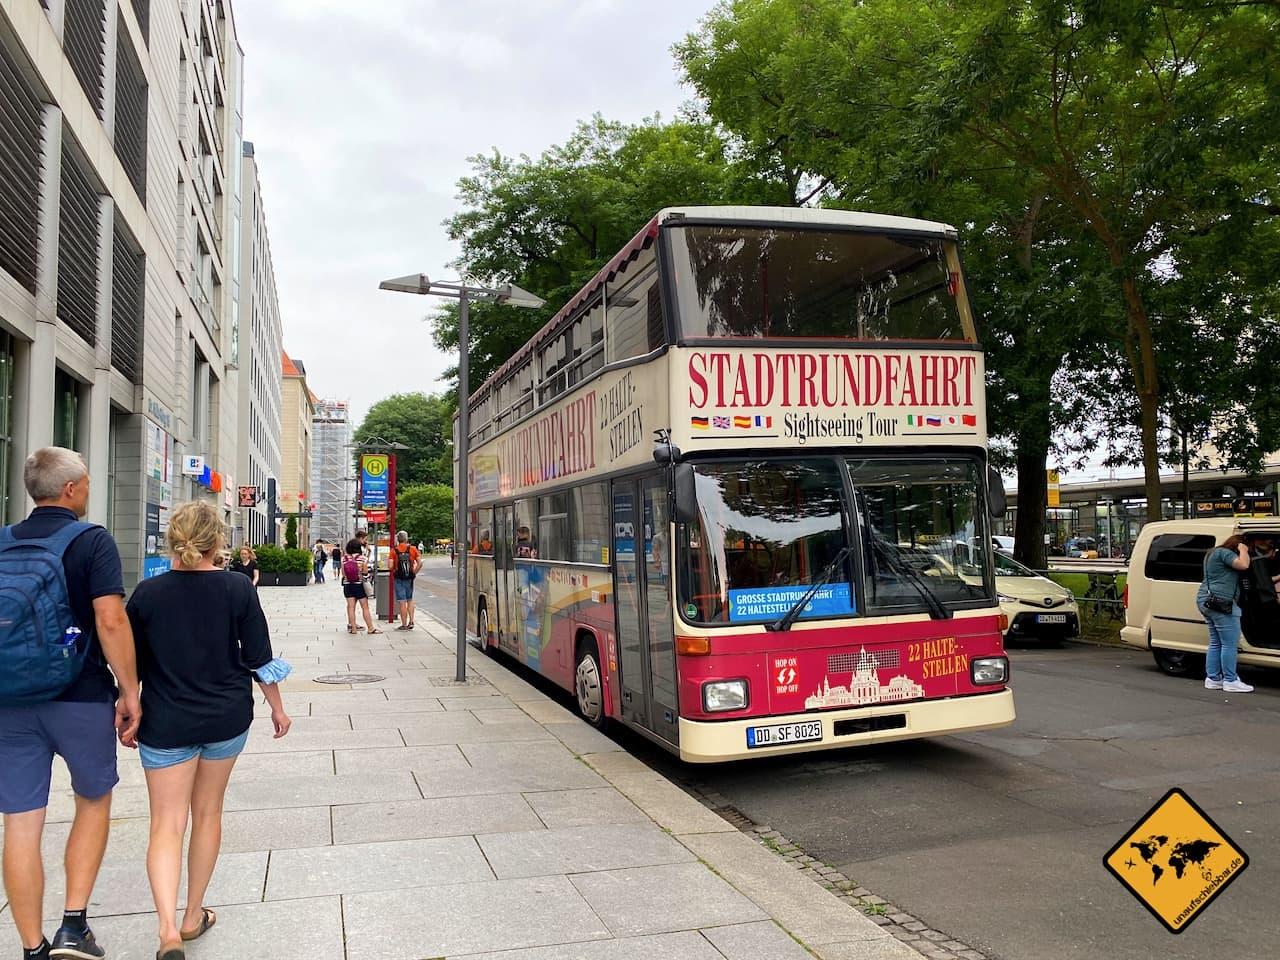 Stadtrundfahrt Dresden Hop-on Hop-off Bus